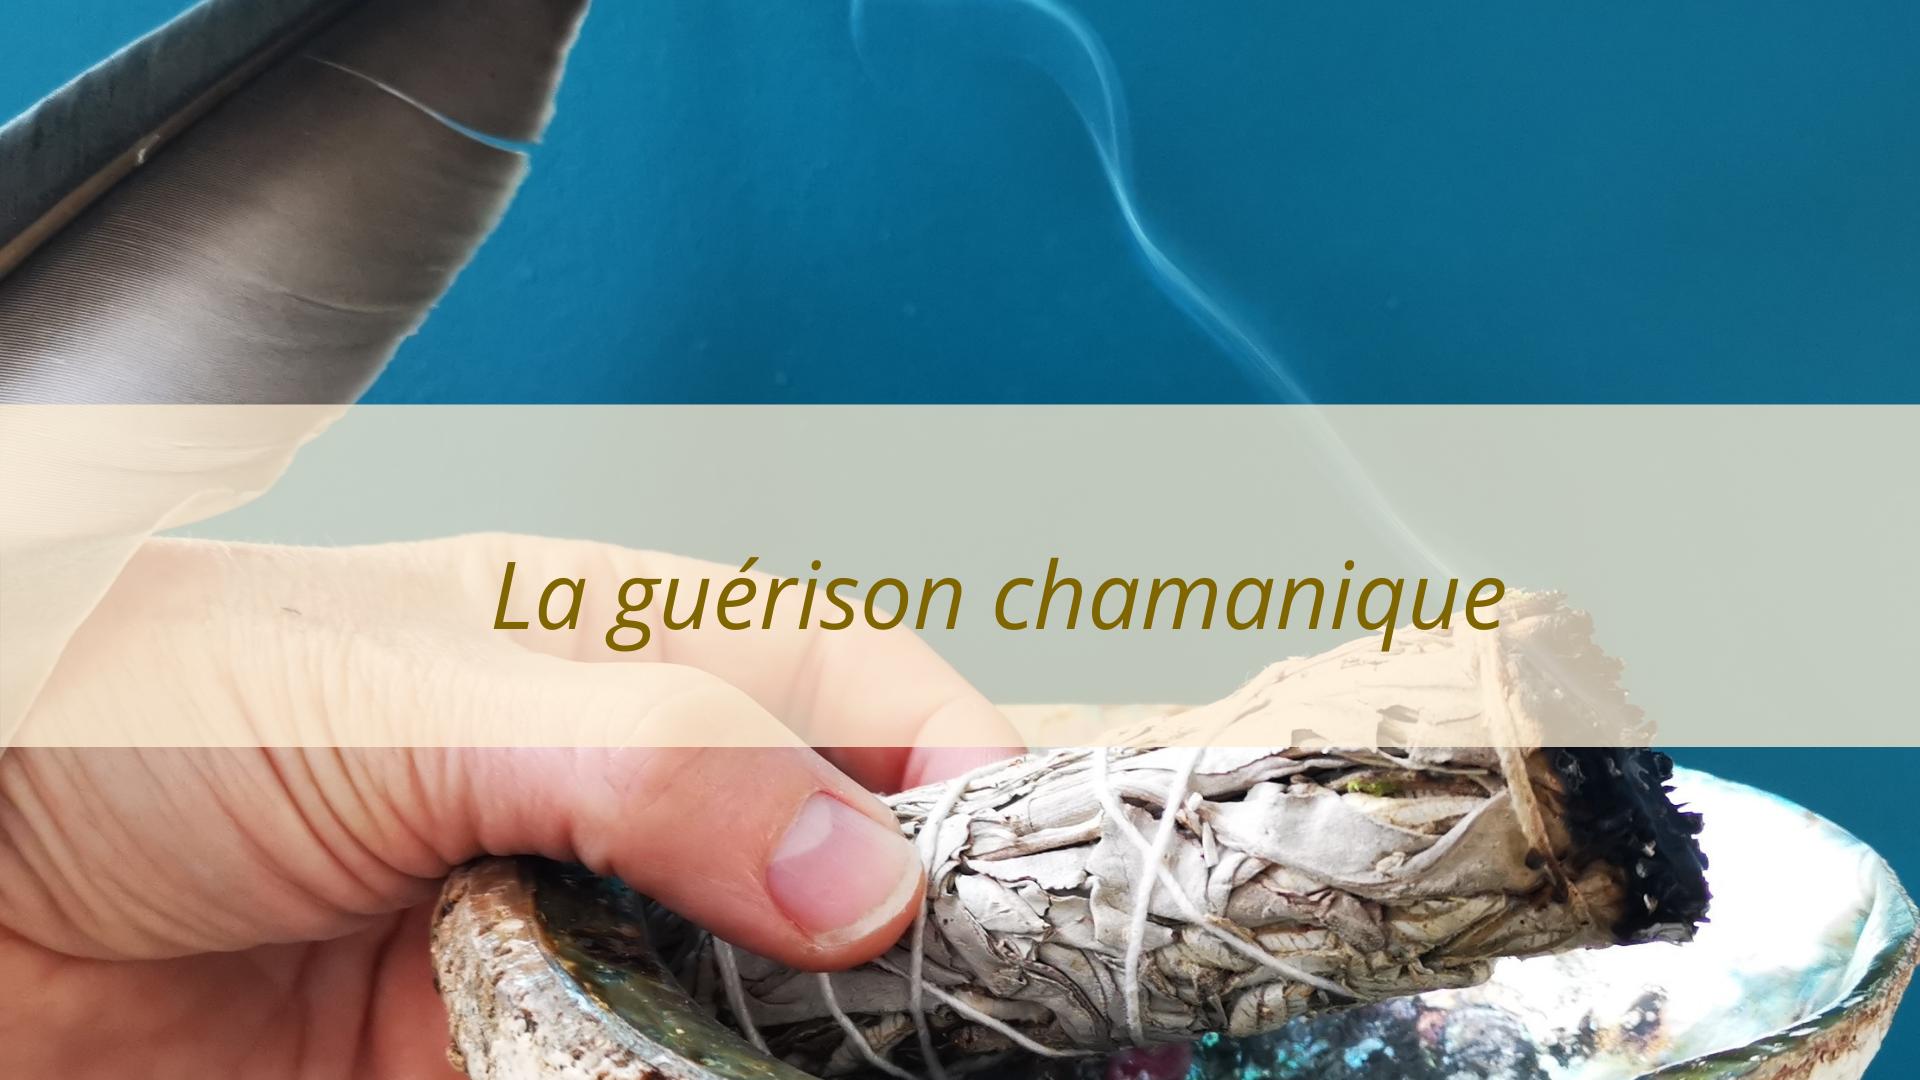 Guérison Chamanique